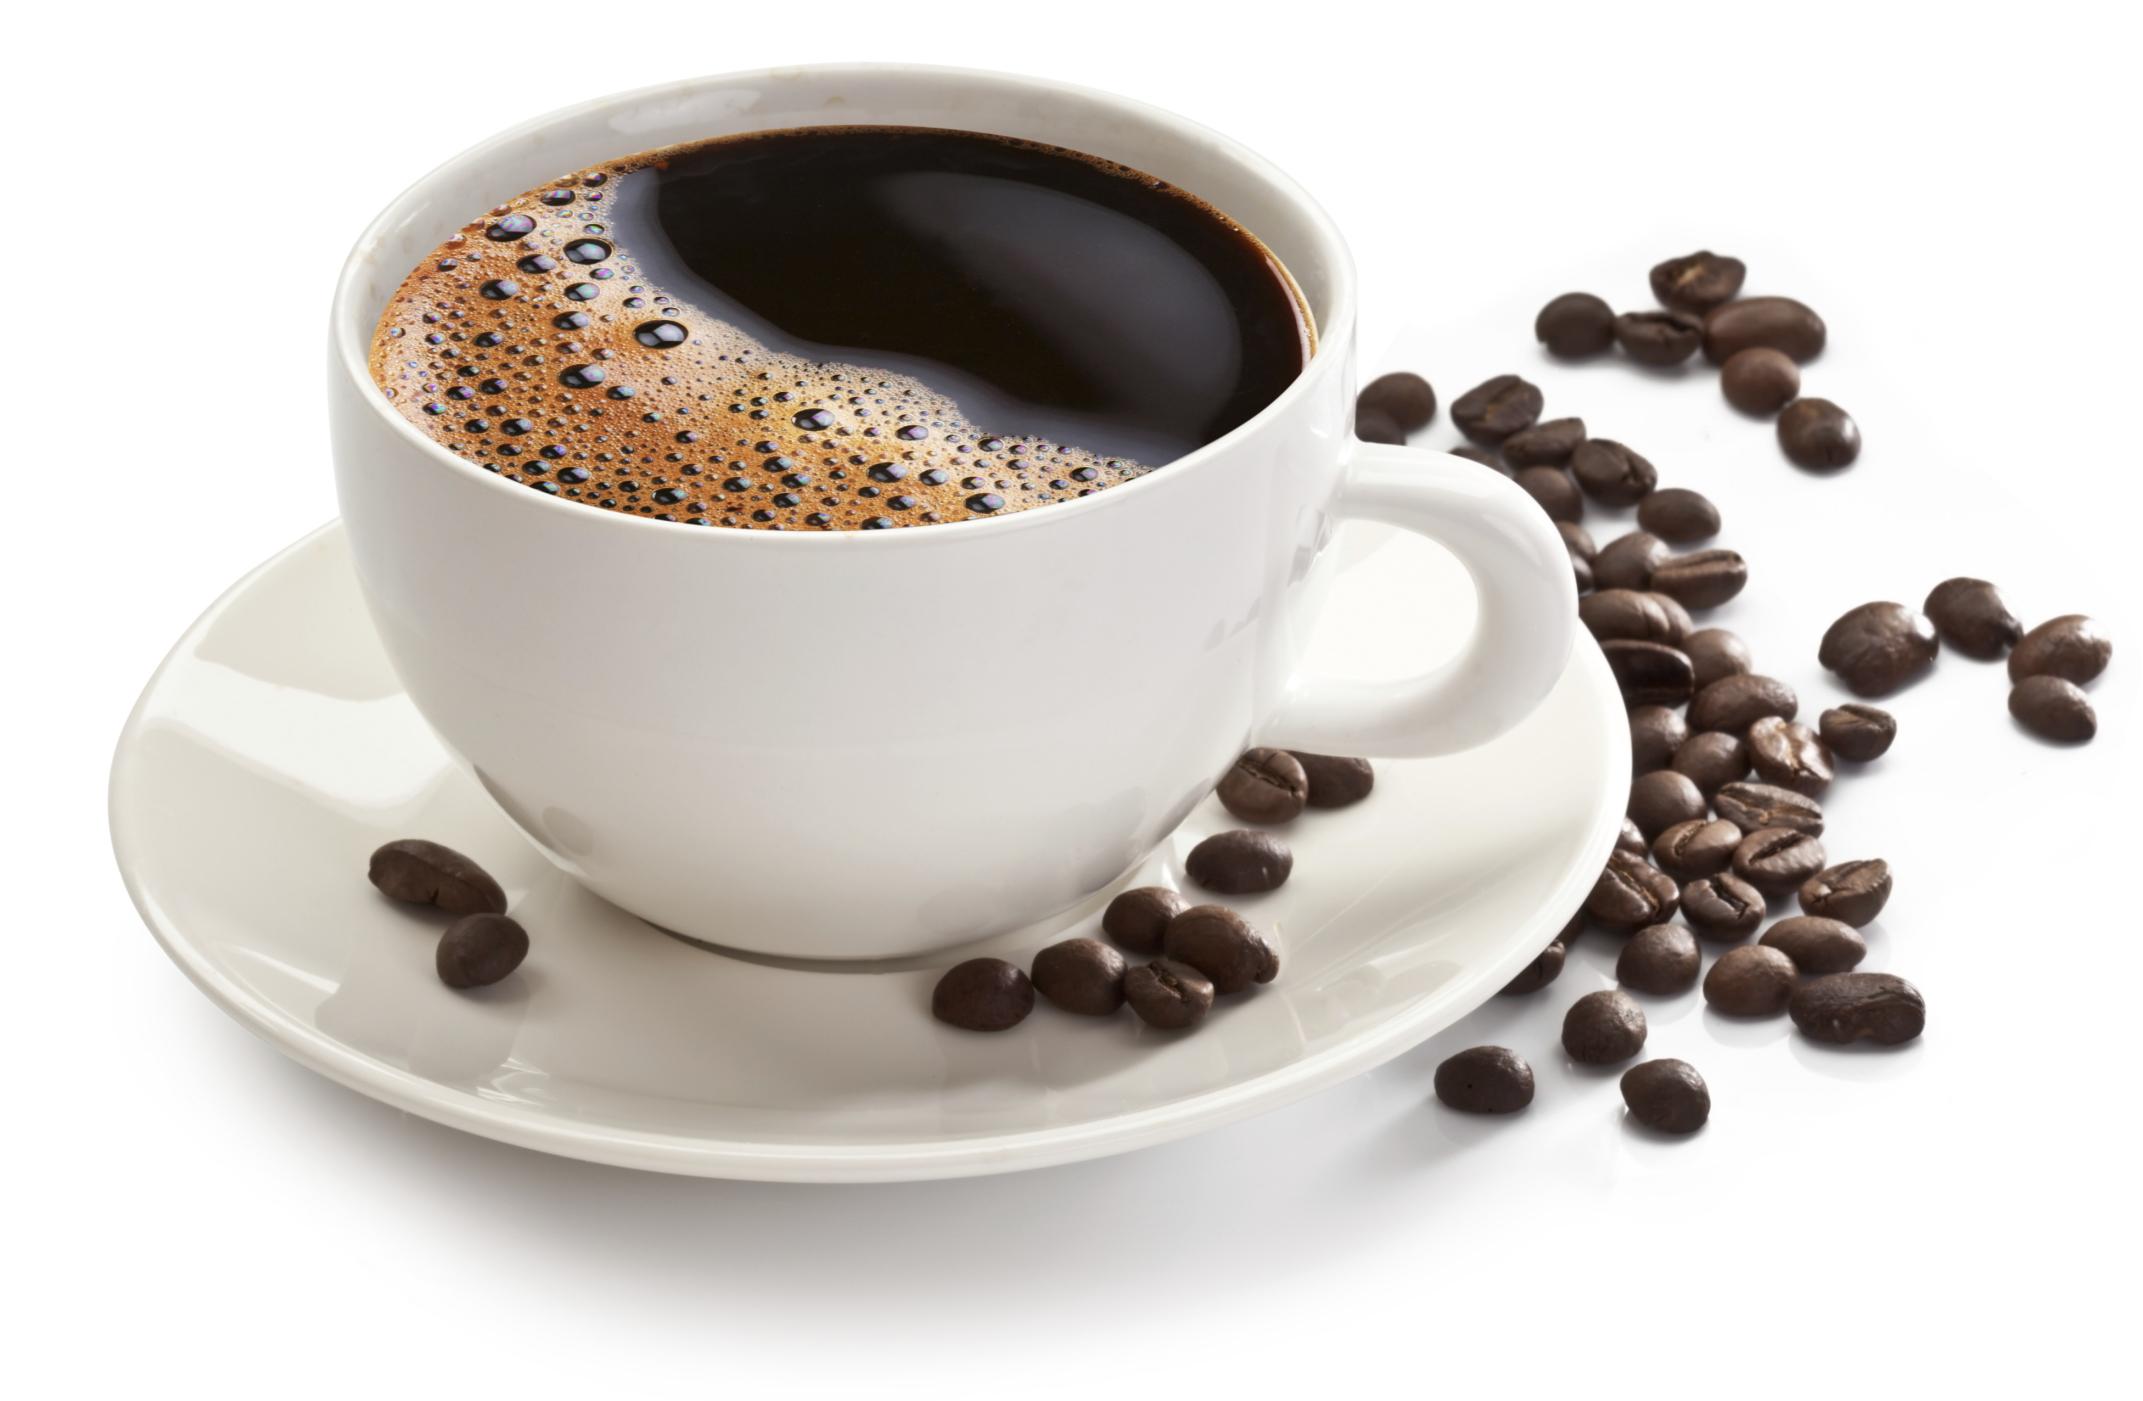 با یوگا درد خود را درمان کنید/افزایش طول عمر با خوردن قهوه/فواید پیاده روی در طبعیت/مُسکنها بدن را بیمارتر میکنند